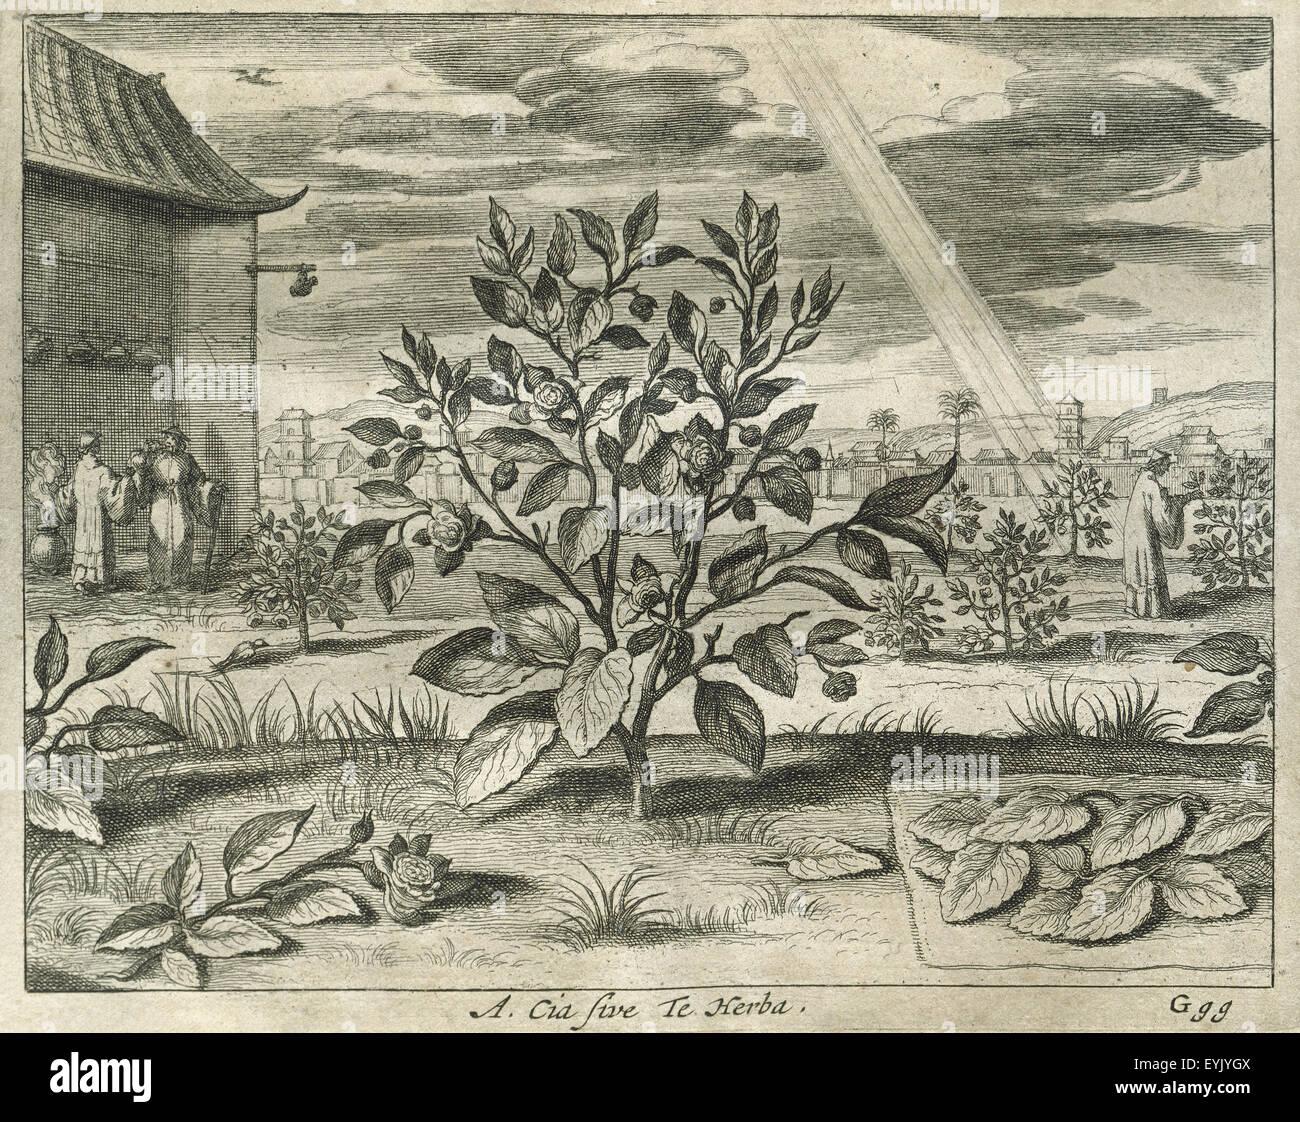 Camelia sinensis. Pianta del tè. Incisione. Cina monumenti Illustrada da Athanasius Kircher (1602-1680). Immagini Stock